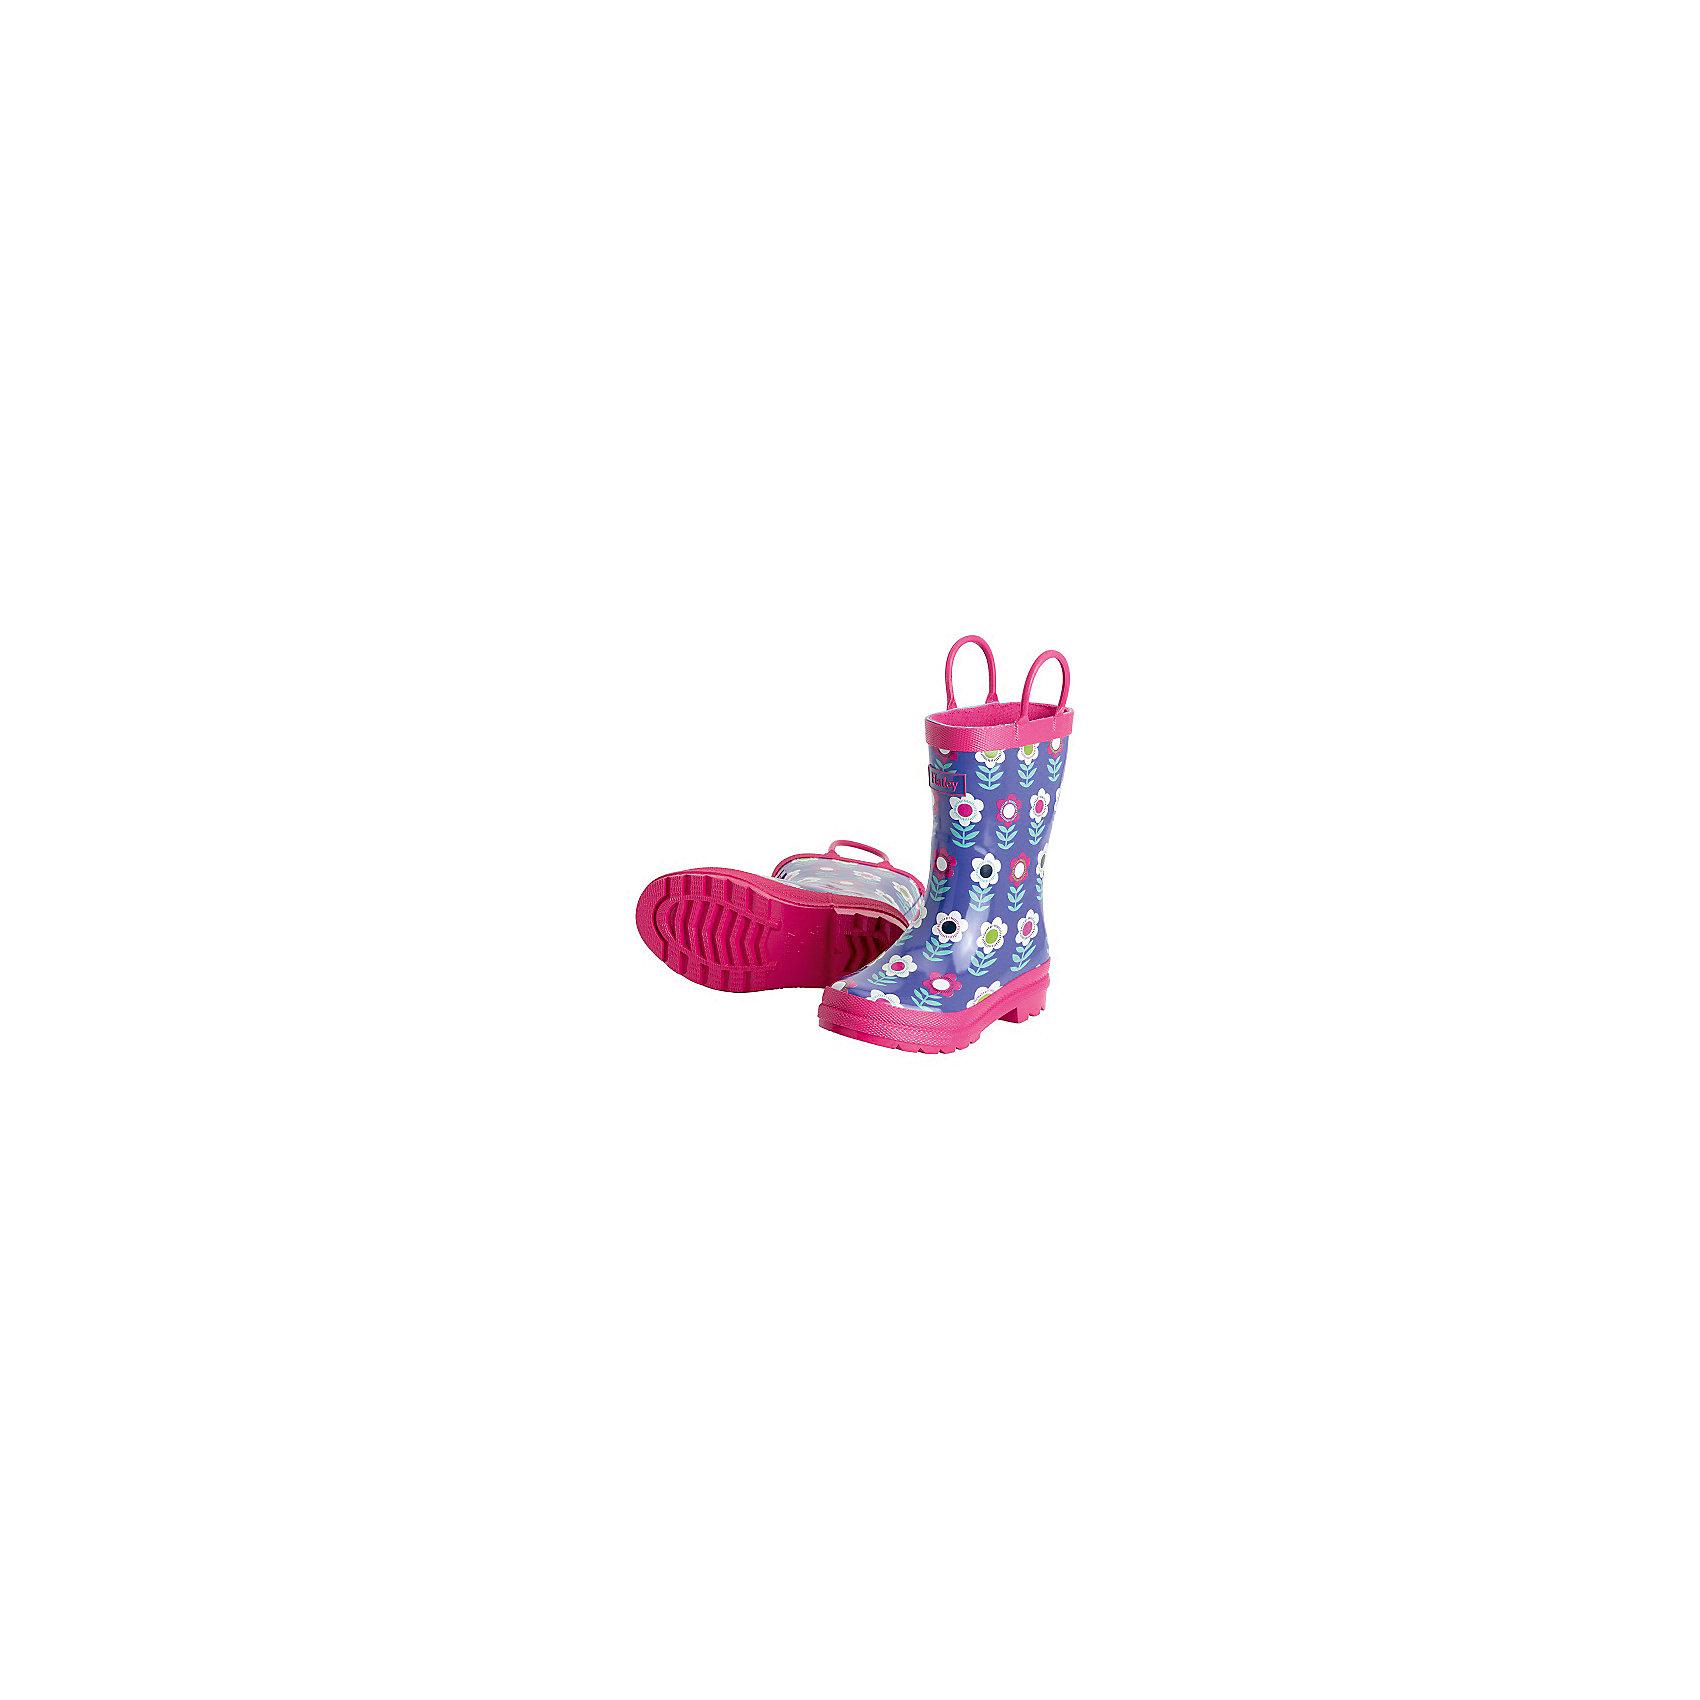 Резиновые сапоги для девочки HatleyРезиновые сапоги<br>Сапоги для девочки Hatley<br><br>Характеристики:<br><br>• Состав: верх - каучук синтетический 100%, подкладка - 100% хлопок<br>• Цвет: розовый, фиолетовый<br><br>Яркие, стильные и модные резиновые сапоги для девочки сделаны из высококачественных материалов. Резина сока каучуковых деревьев не даст ножкам промокнуть, а хлопковая подкладка защитит от холода. Внутри есть стелька с аркой, которая способствует правильному формированию стопы. По бокам есть удобные ручки. <br><br>Сапоги для девочки Hatley можно купить в нашем интернет-магазине.<br><br>Ширина мм: 237<br>Глубина мм: 180<br>Высота мм: 152<br>Вес г: 438<br>Цвет: лиловый<br>Возраст от месяцев: 36<br>Возраст до месяцев: 48<br>Пол: Женский<br>Возраст: Детский<br>Размер: 27,22,23,28,30,24,25,30<br>SKU: 5020922